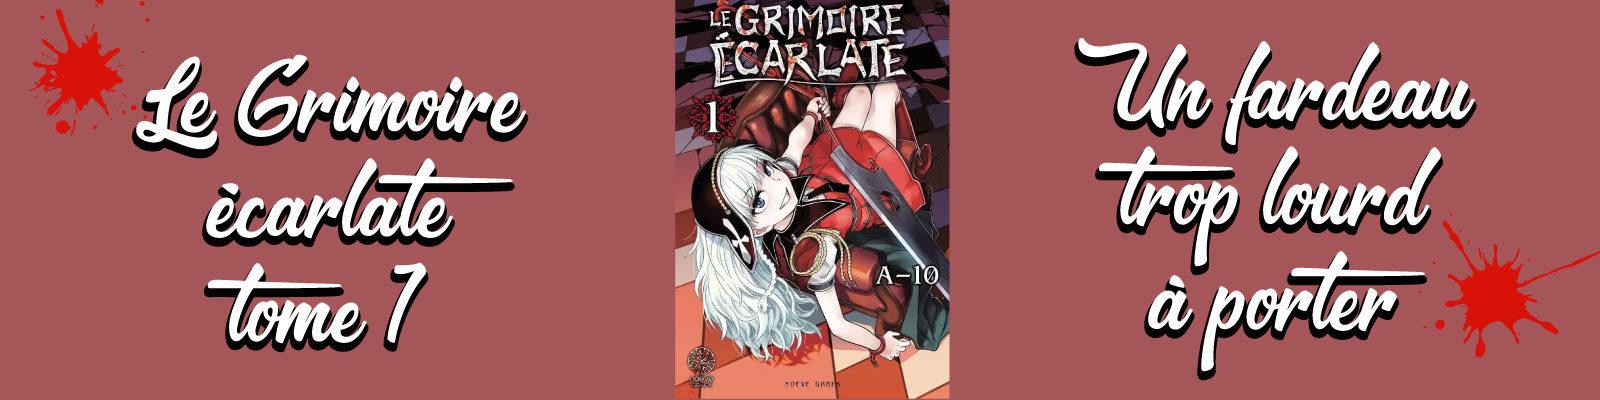 Le Grimoire Écarlate-Vol.-1-2